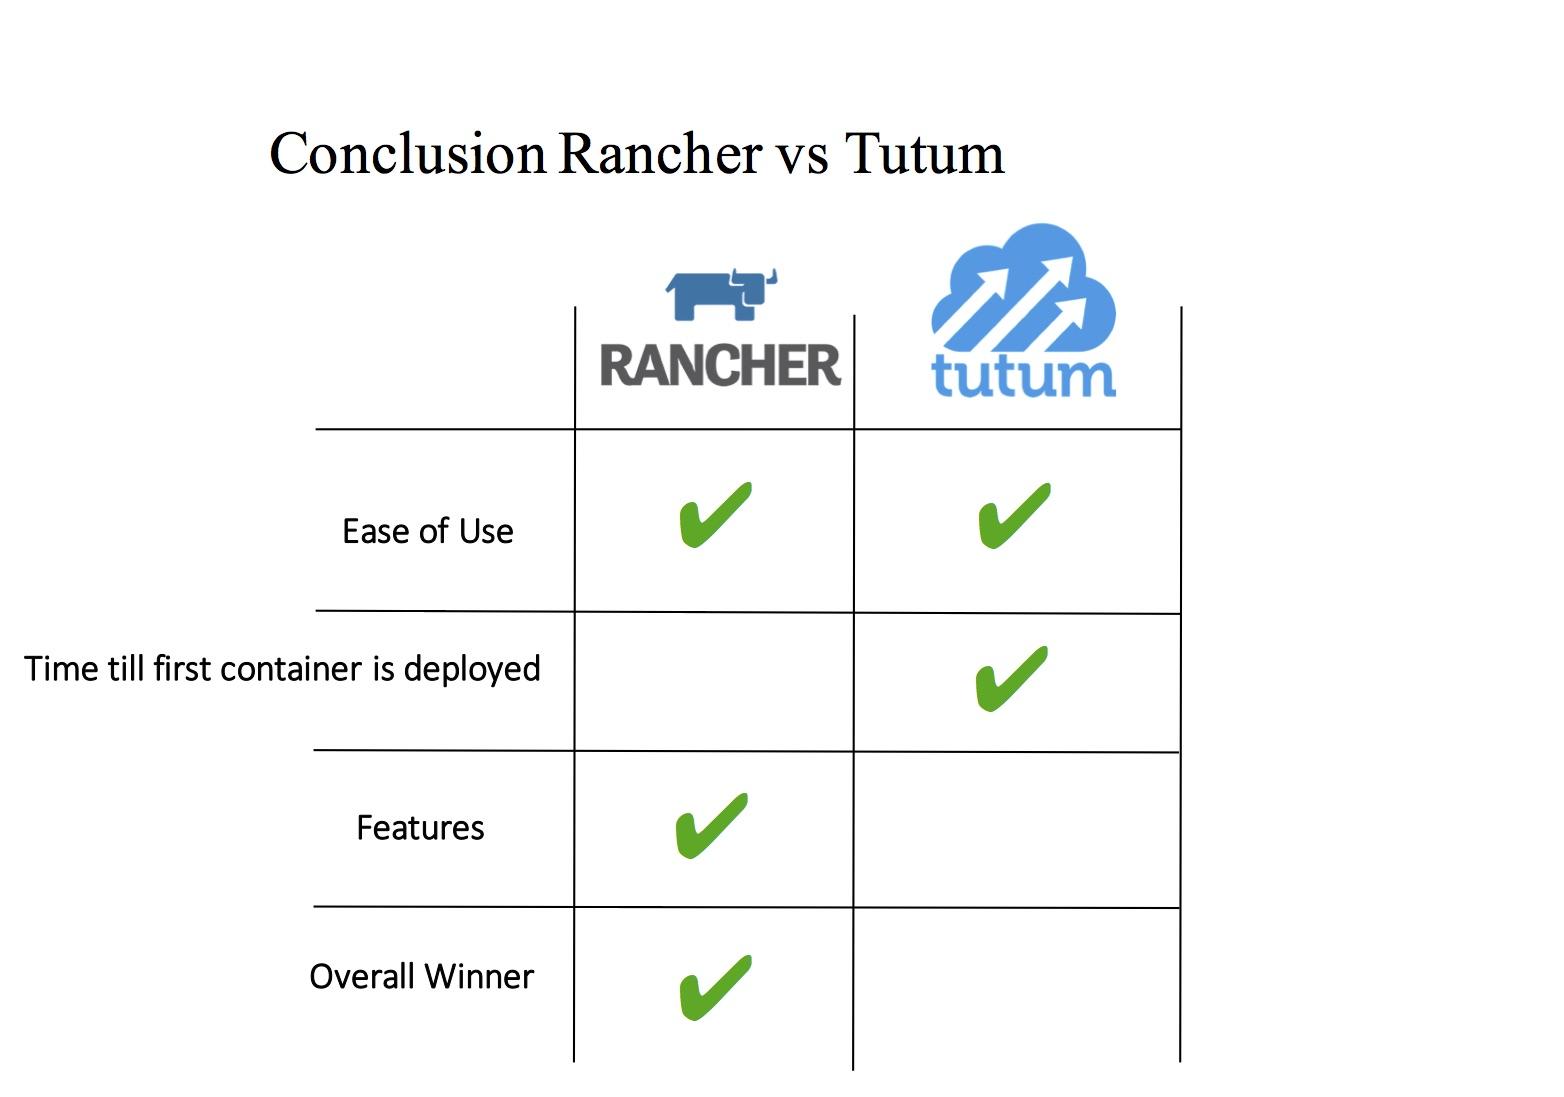 Rancher vs Tutum comparison